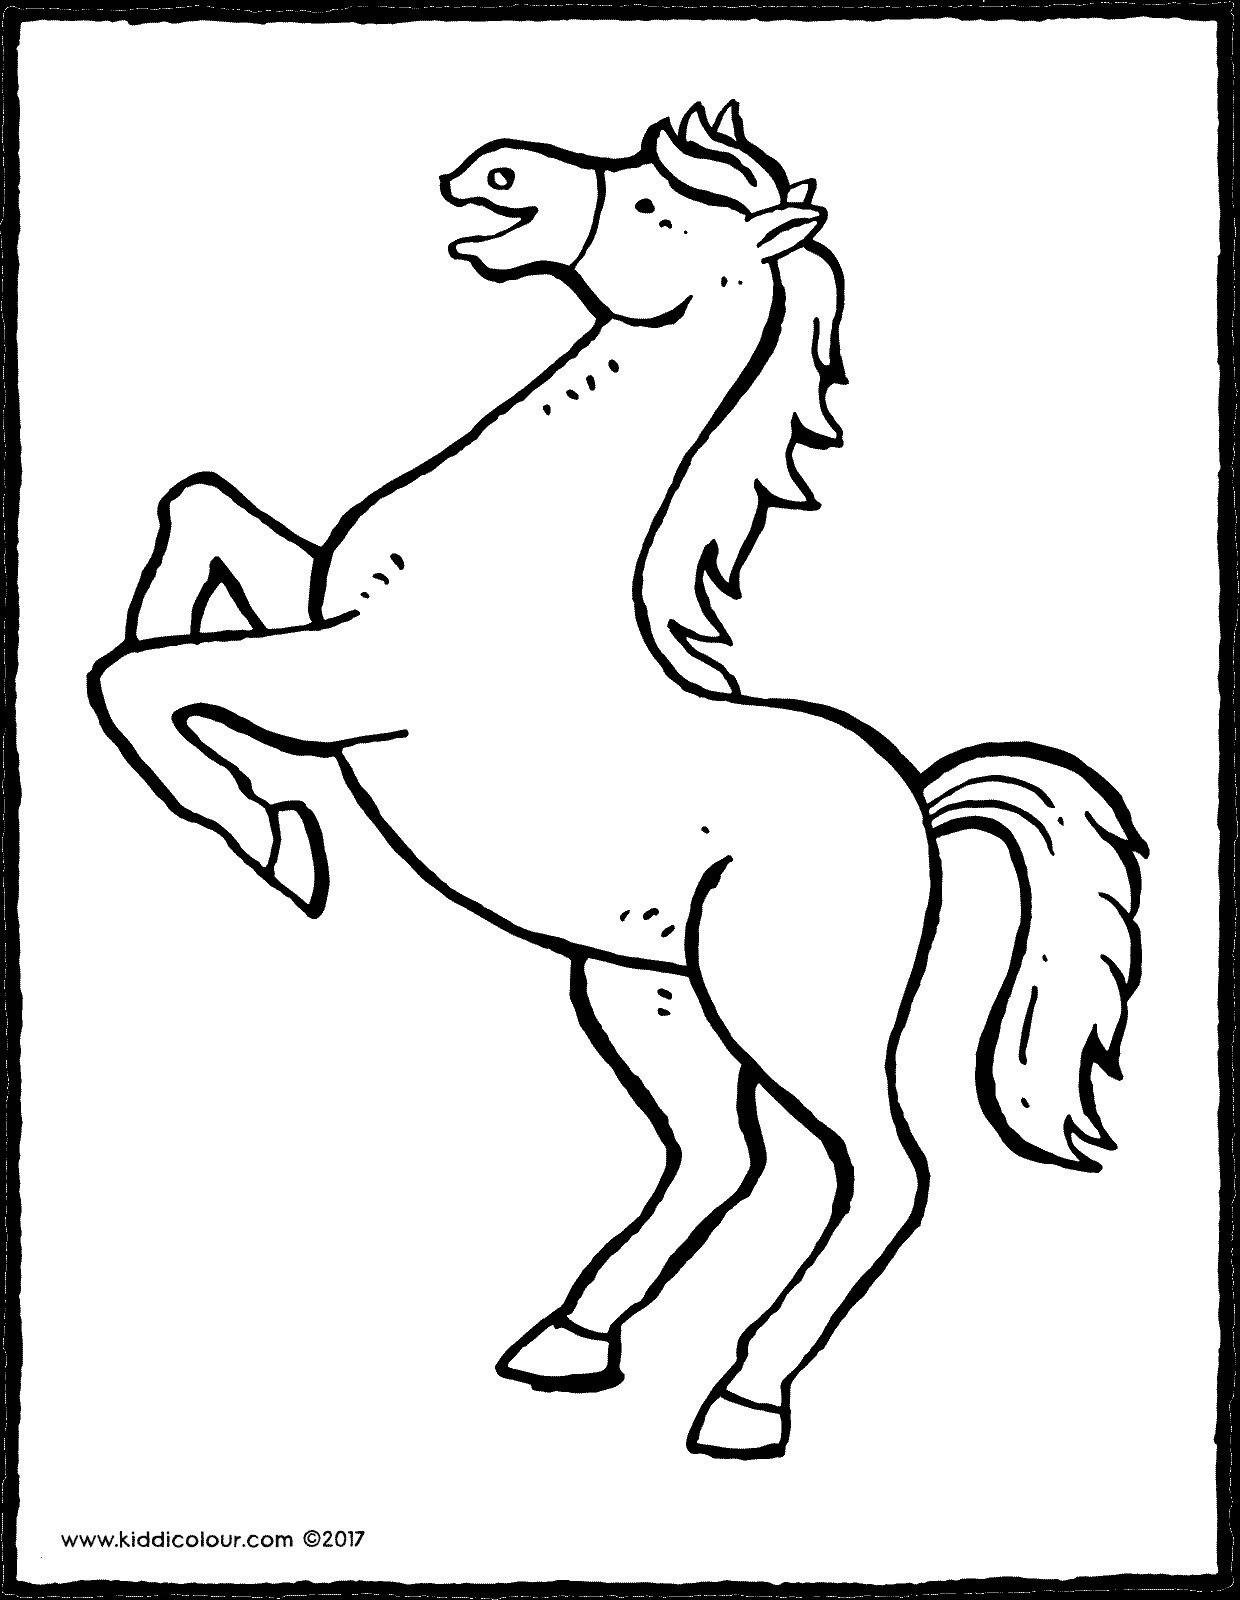 Ausmalbilder Pferde Turnier Frisch 42 Neu Ausmalbilder Hunde Und Pferde Beste Malvorlage Sammlung